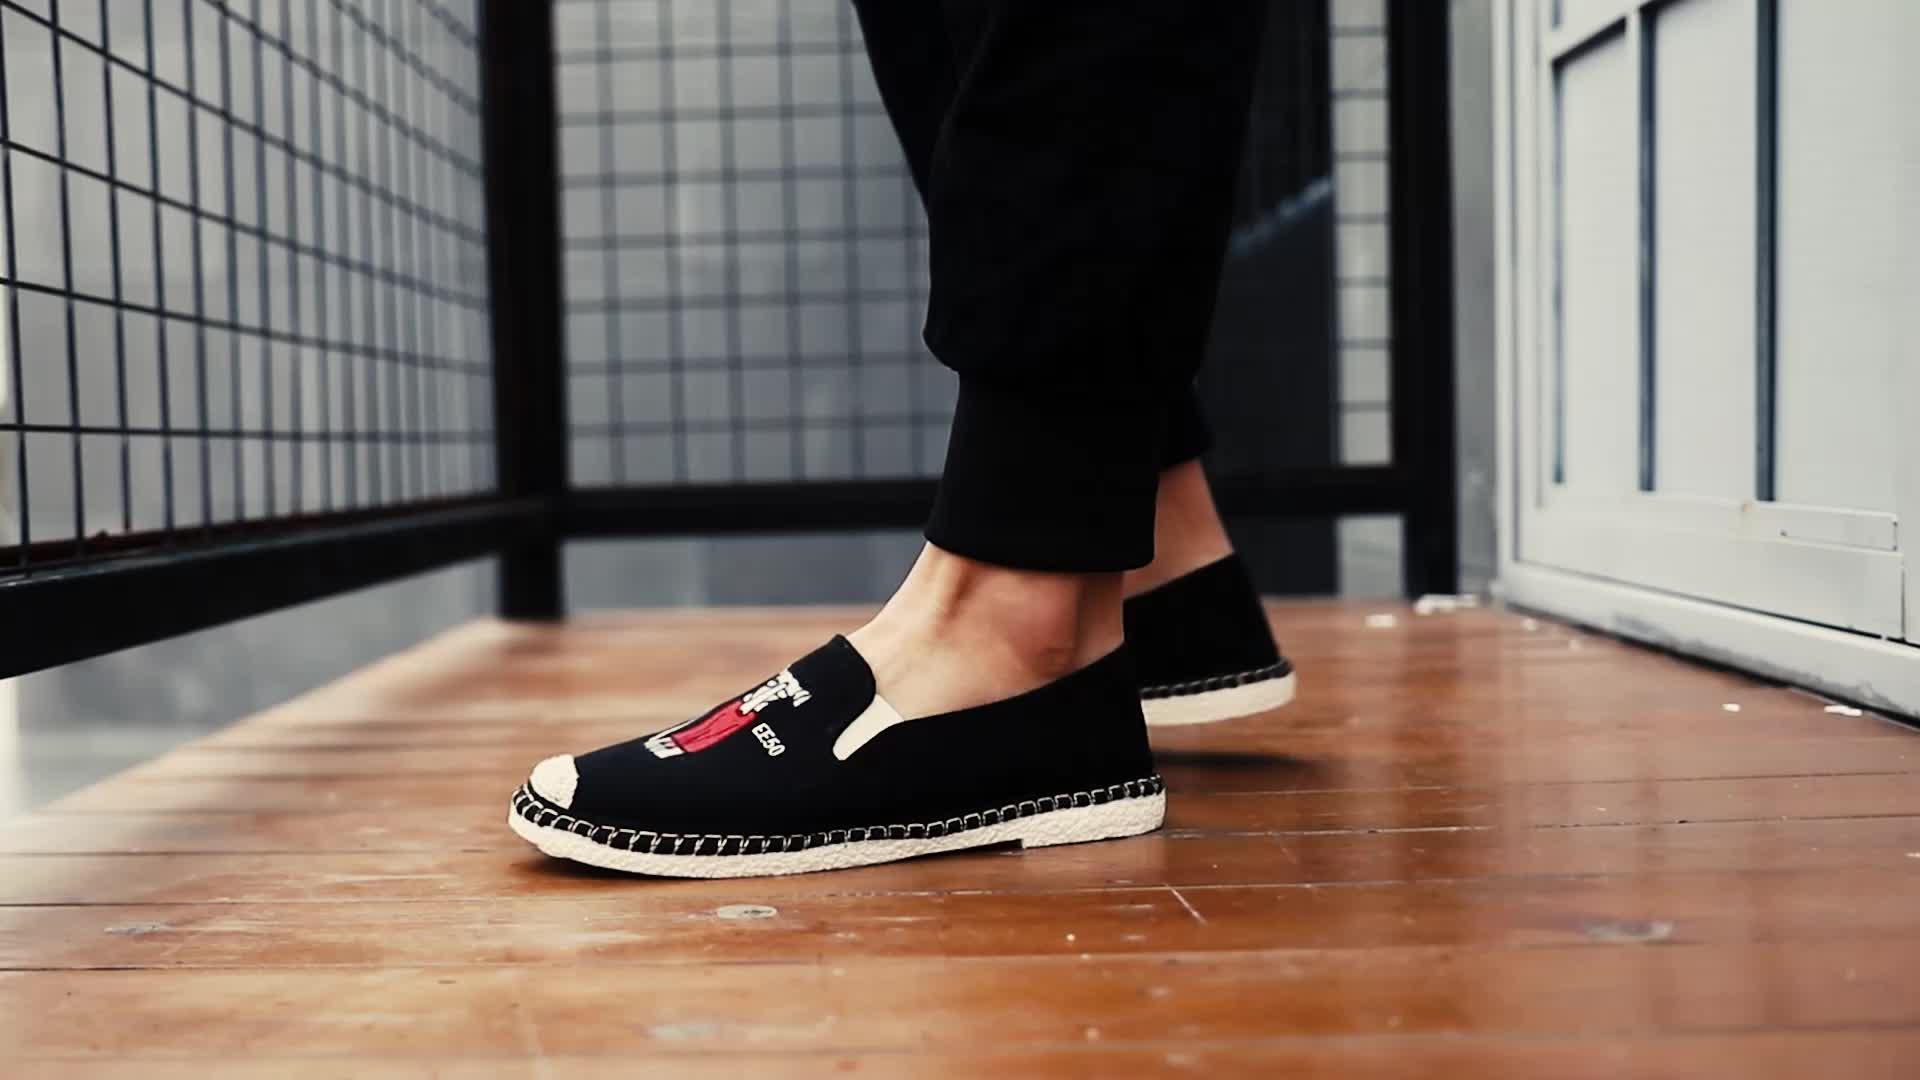 नई स्टाइलिश पुरुषों के फैशन आकस्मिक कपड़े जूते कैनवास फ्लैट पर्ची पर आवारा Espadrille अवकाश चलने स्नीकर्स मोकासिन नाव जूते